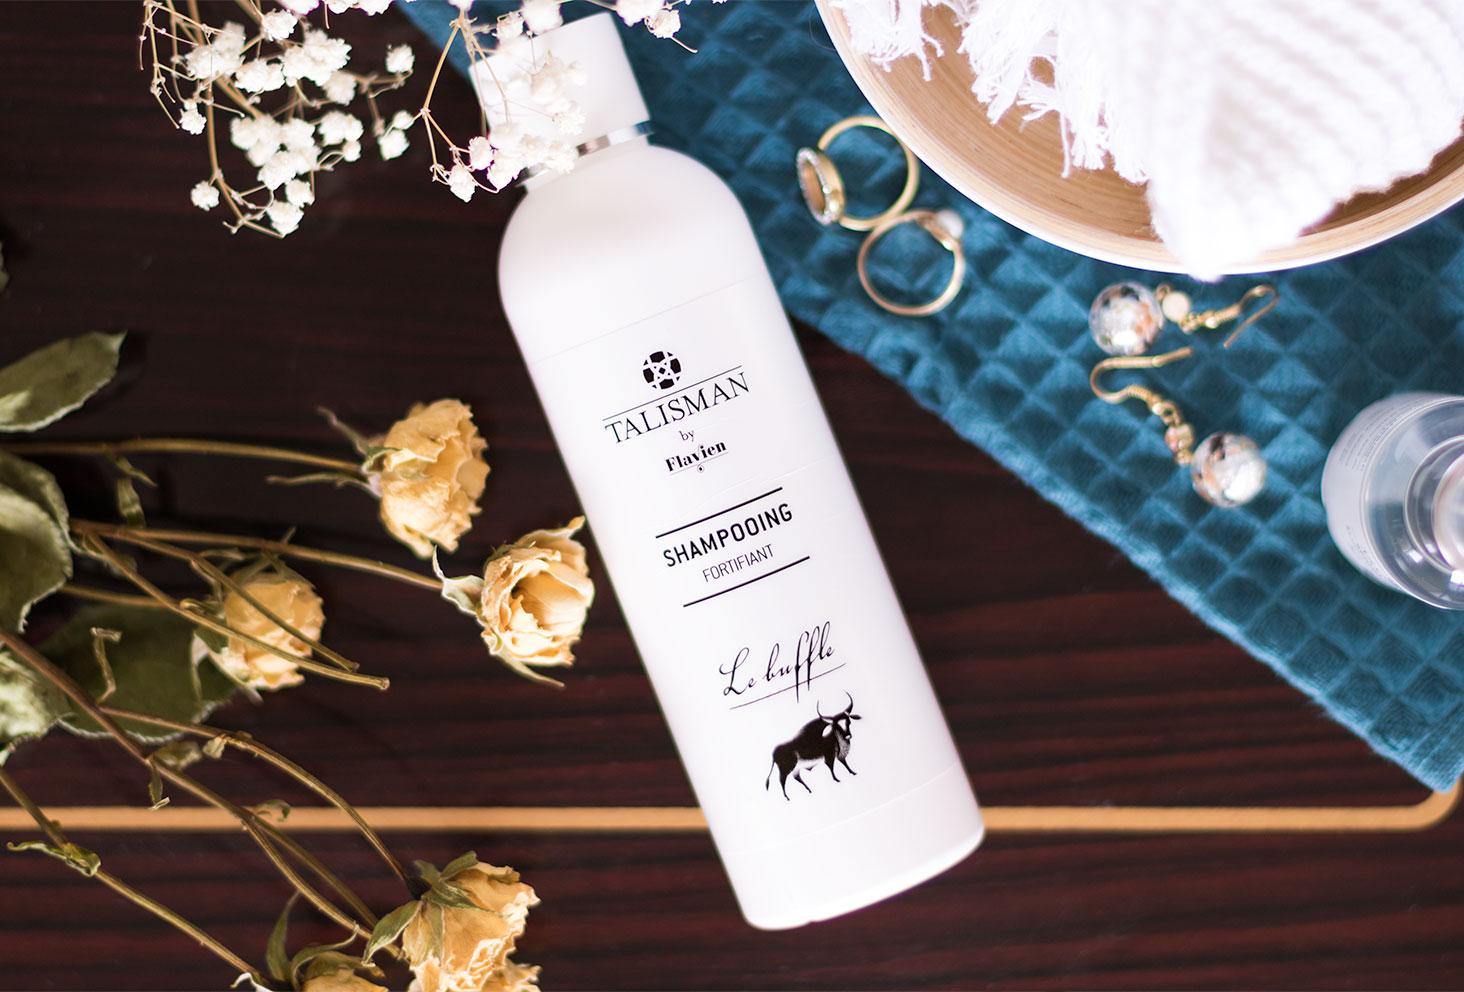 Le shampooing fortifiant de Talisman posé sur une table en bous au milieu des fleurs séchées et des bijoux